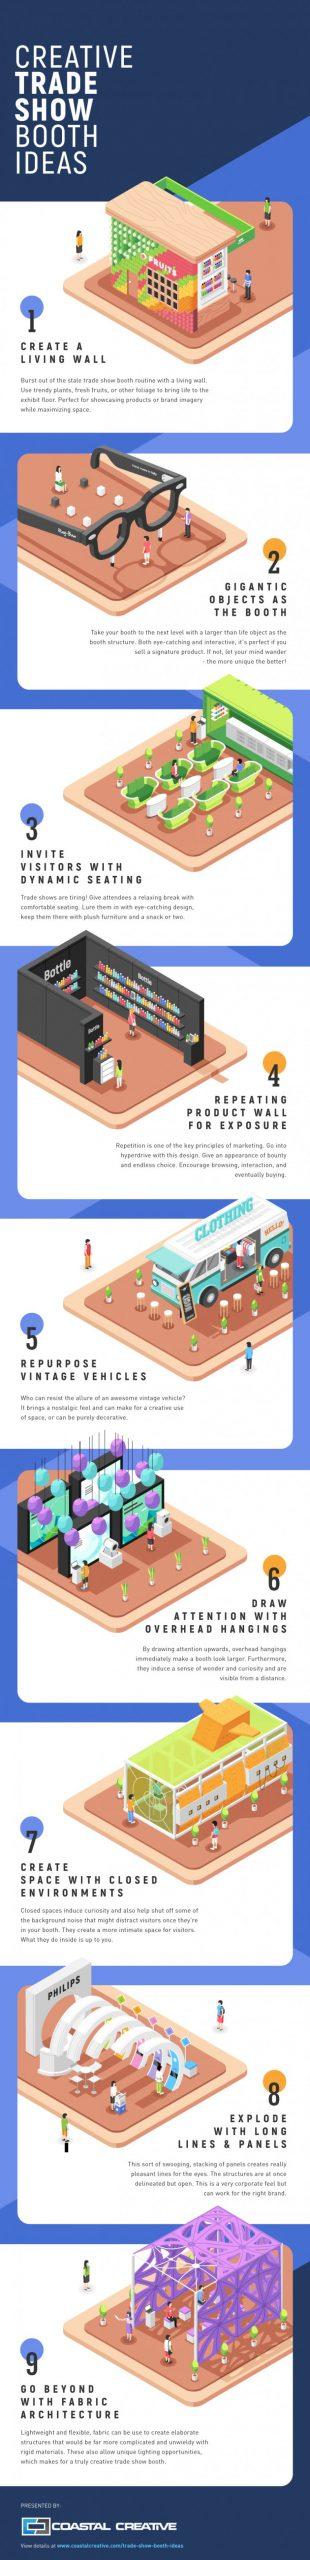 Creative Trade Show Booth Ideas